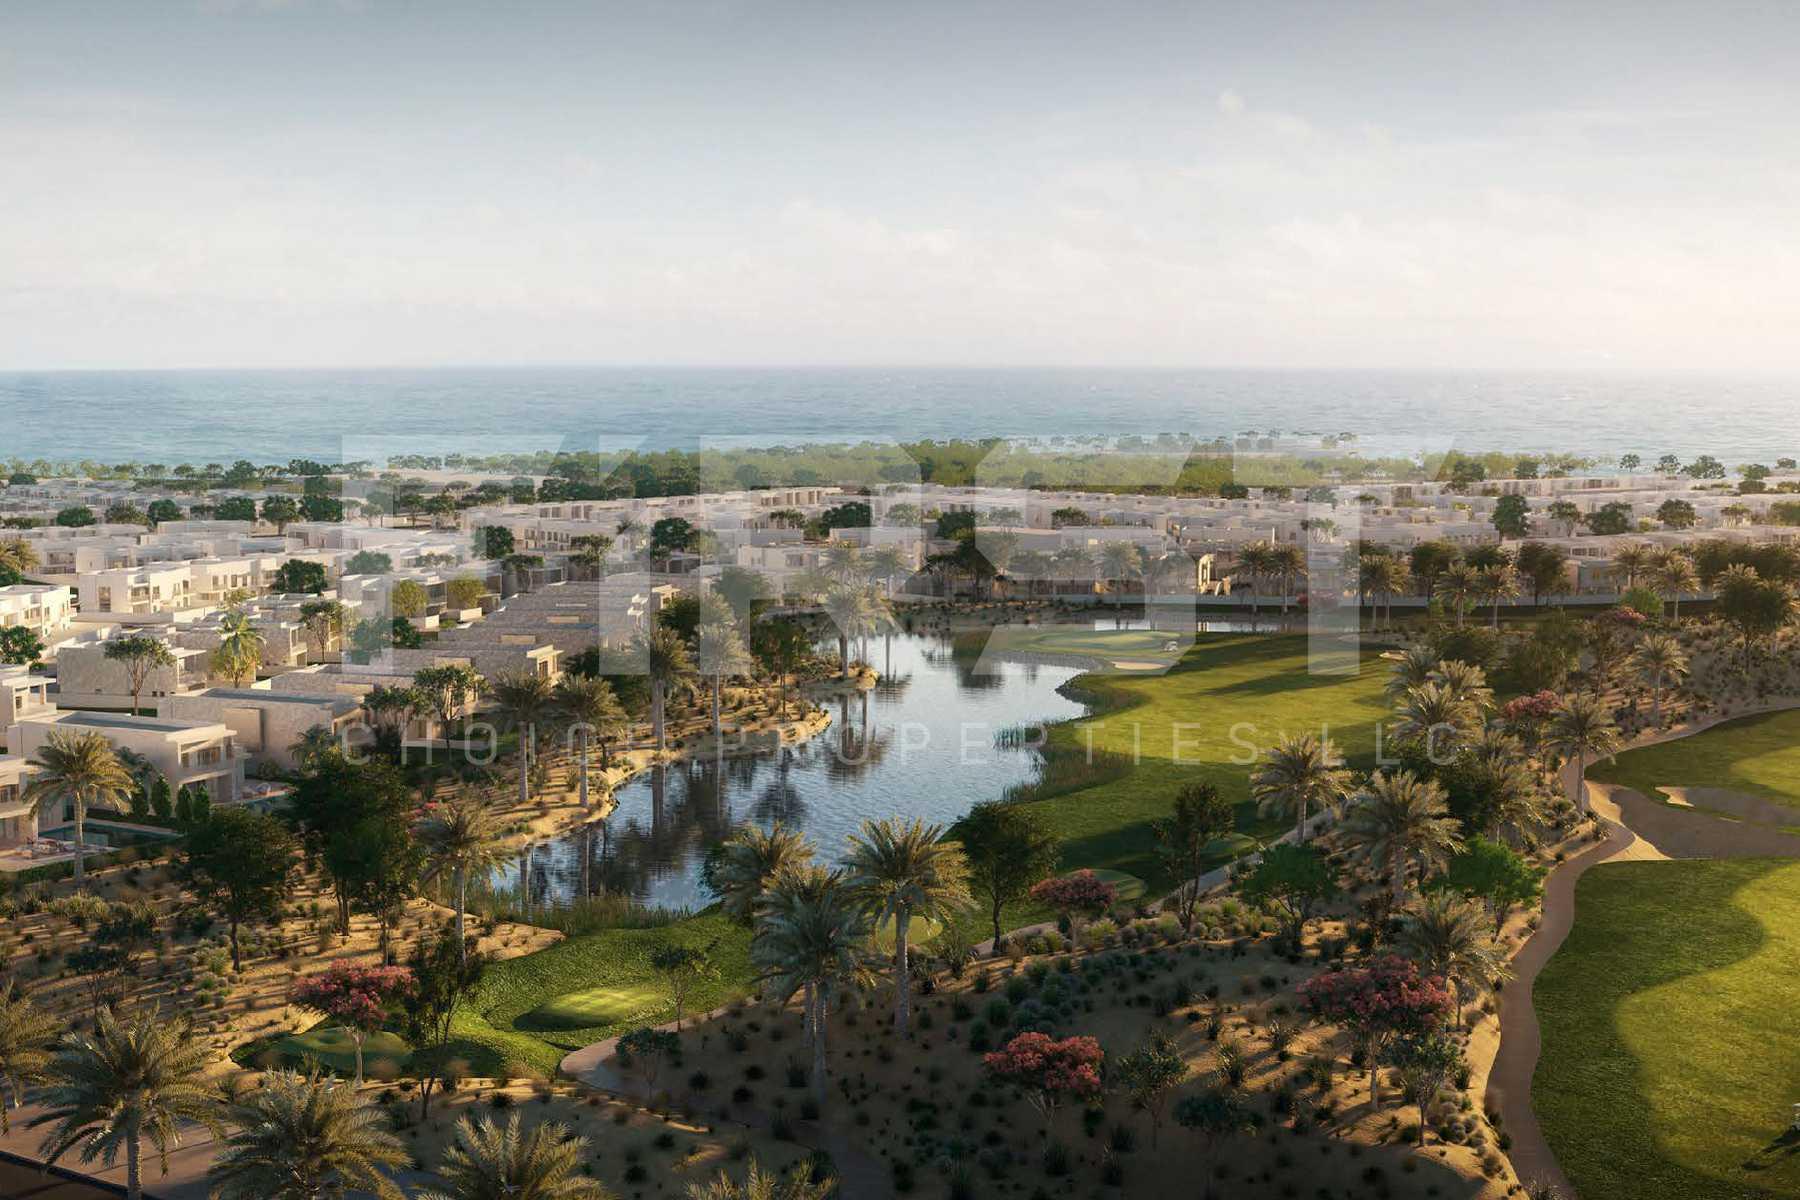 Yas Acres Yas Island Abu Dhabi UAE (2).jpg